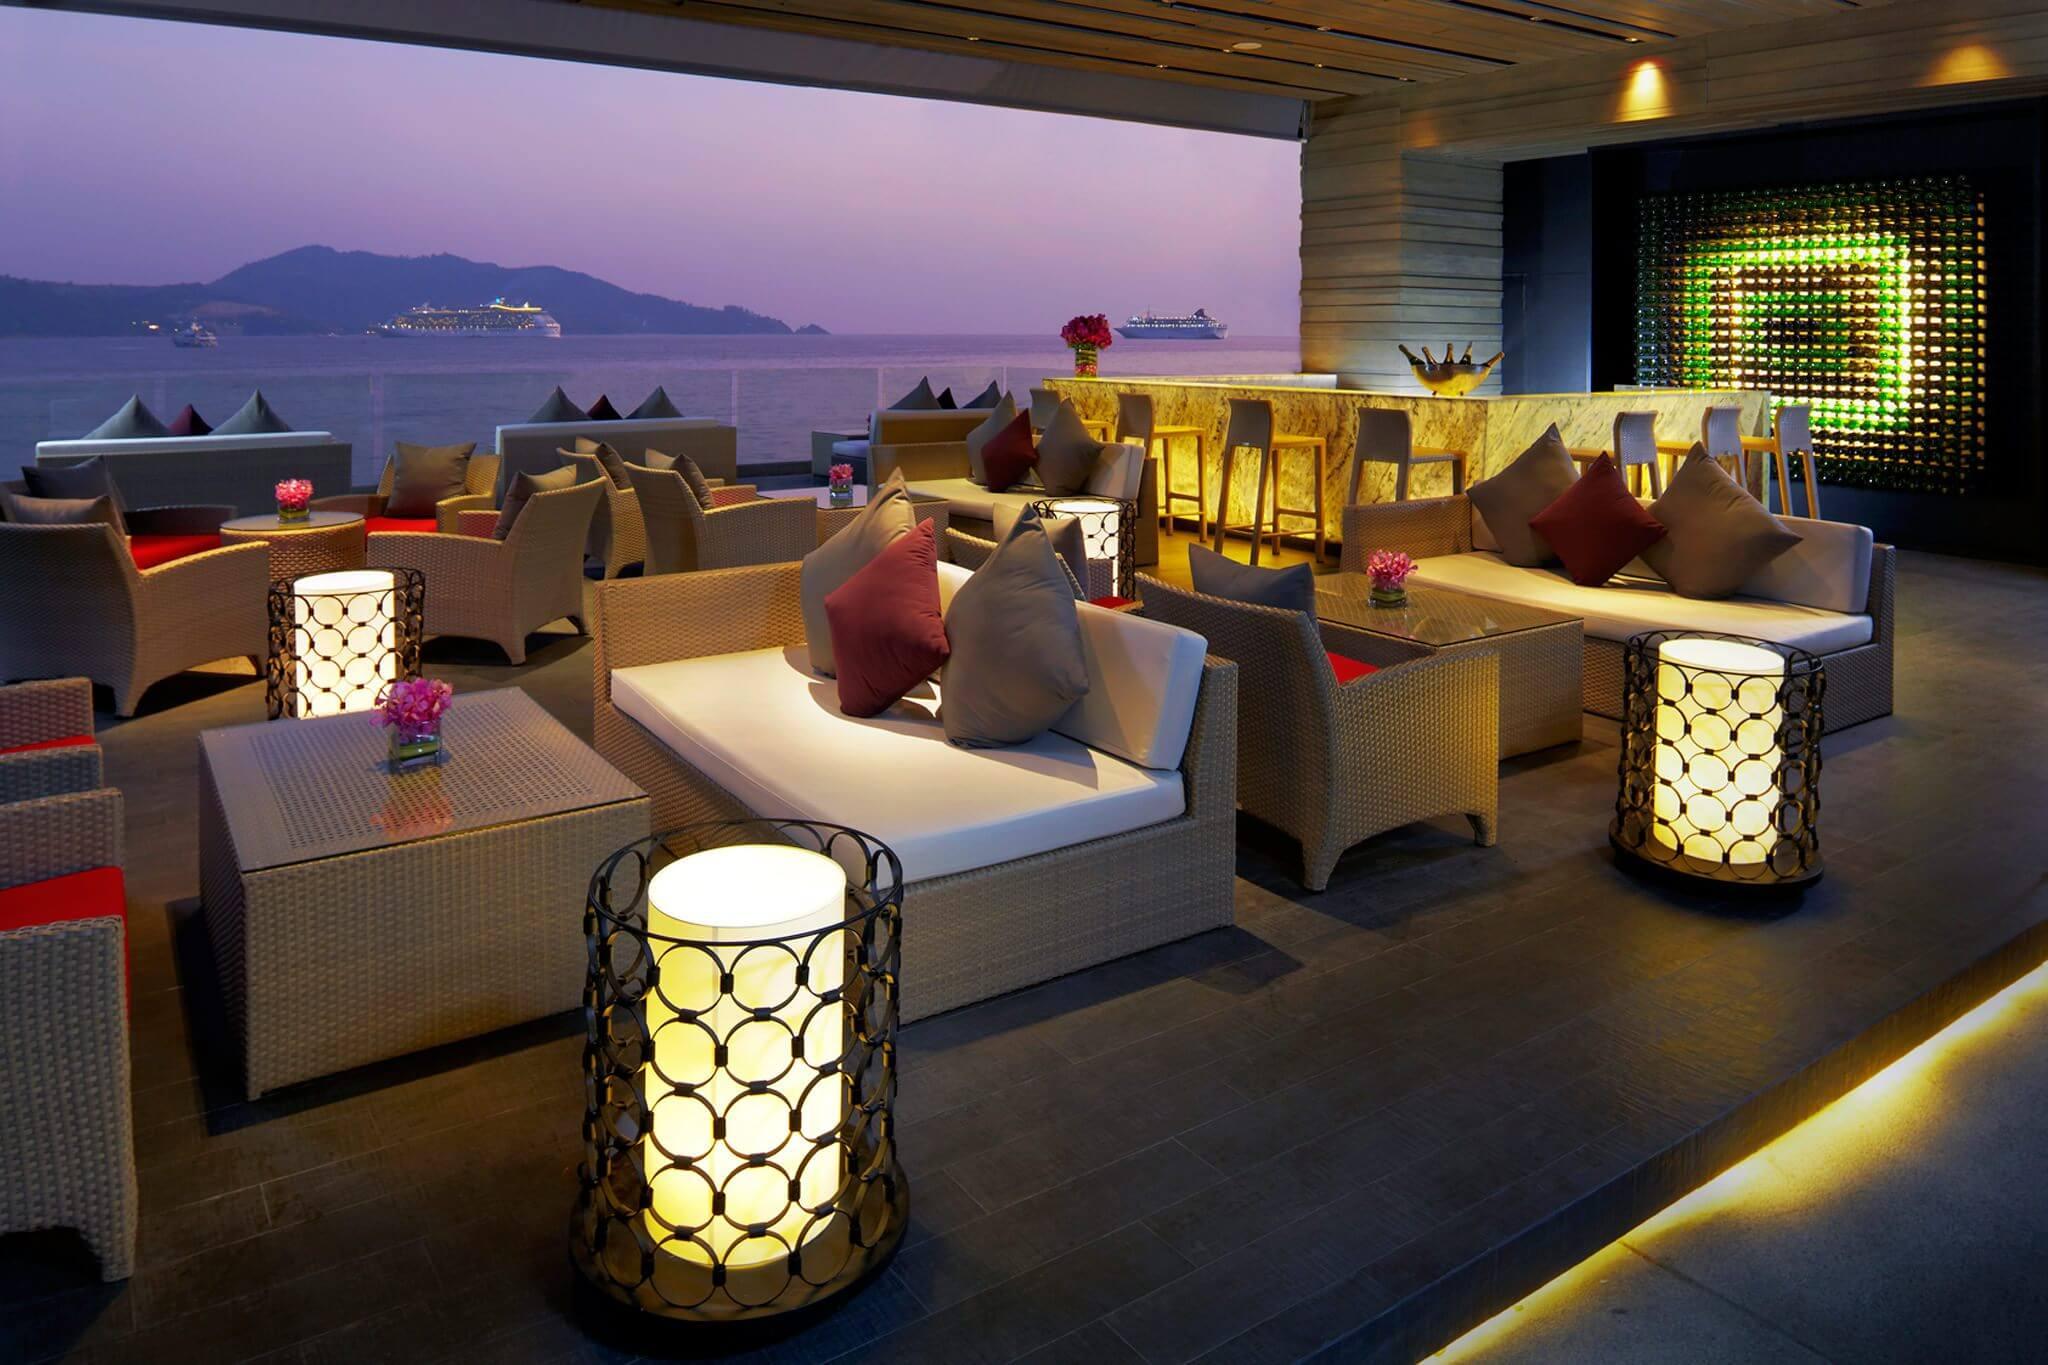 Фото ресторана La Gritta в отеле Amari Phuket